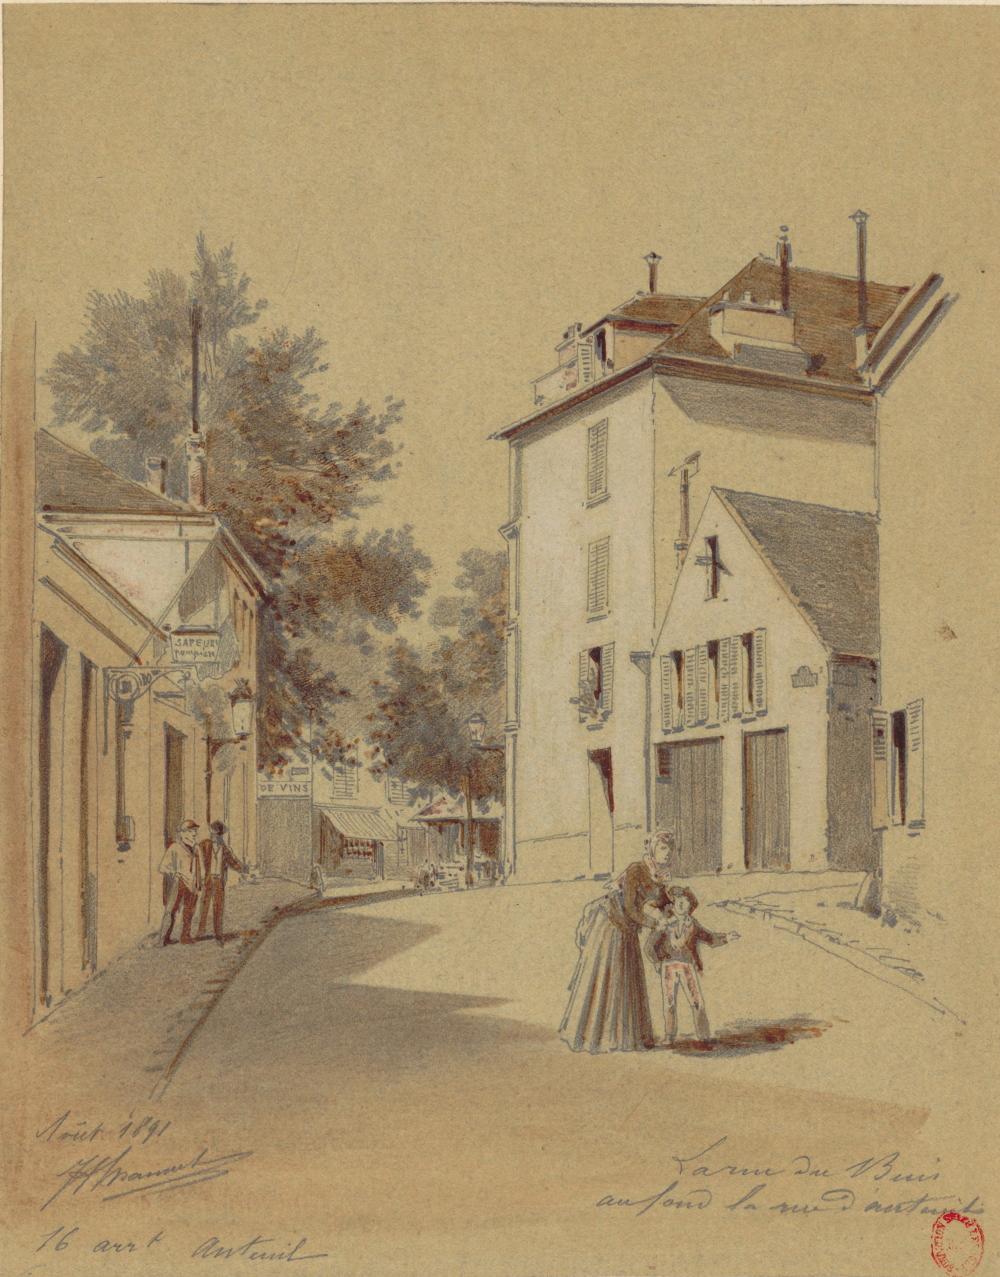 1891,Jules-Adolphe Chauvet,La rue du Buis, au fond la rue d'Auteuil,8, rue du Buis,Paris,France